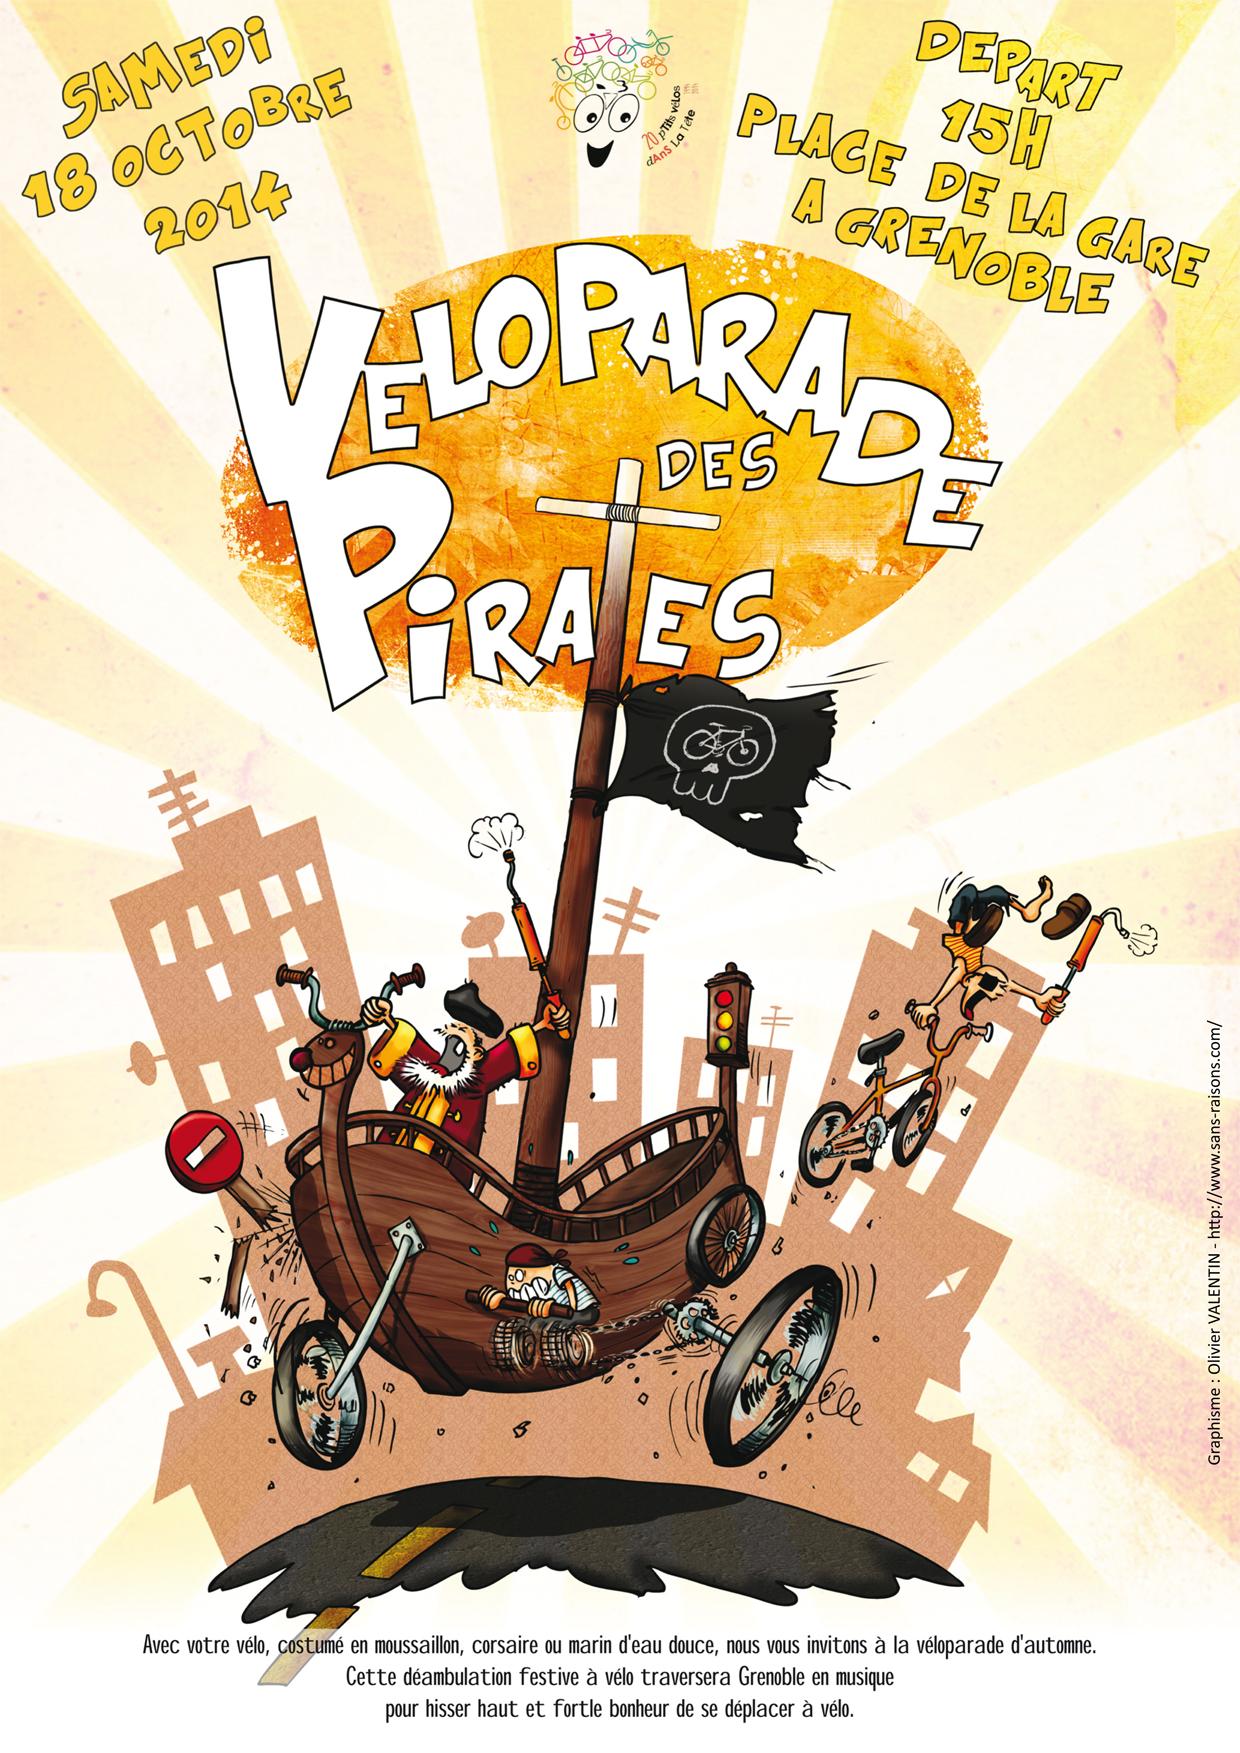 uN p'Tit véLo dAnS La Tête – Véloparade des pirates